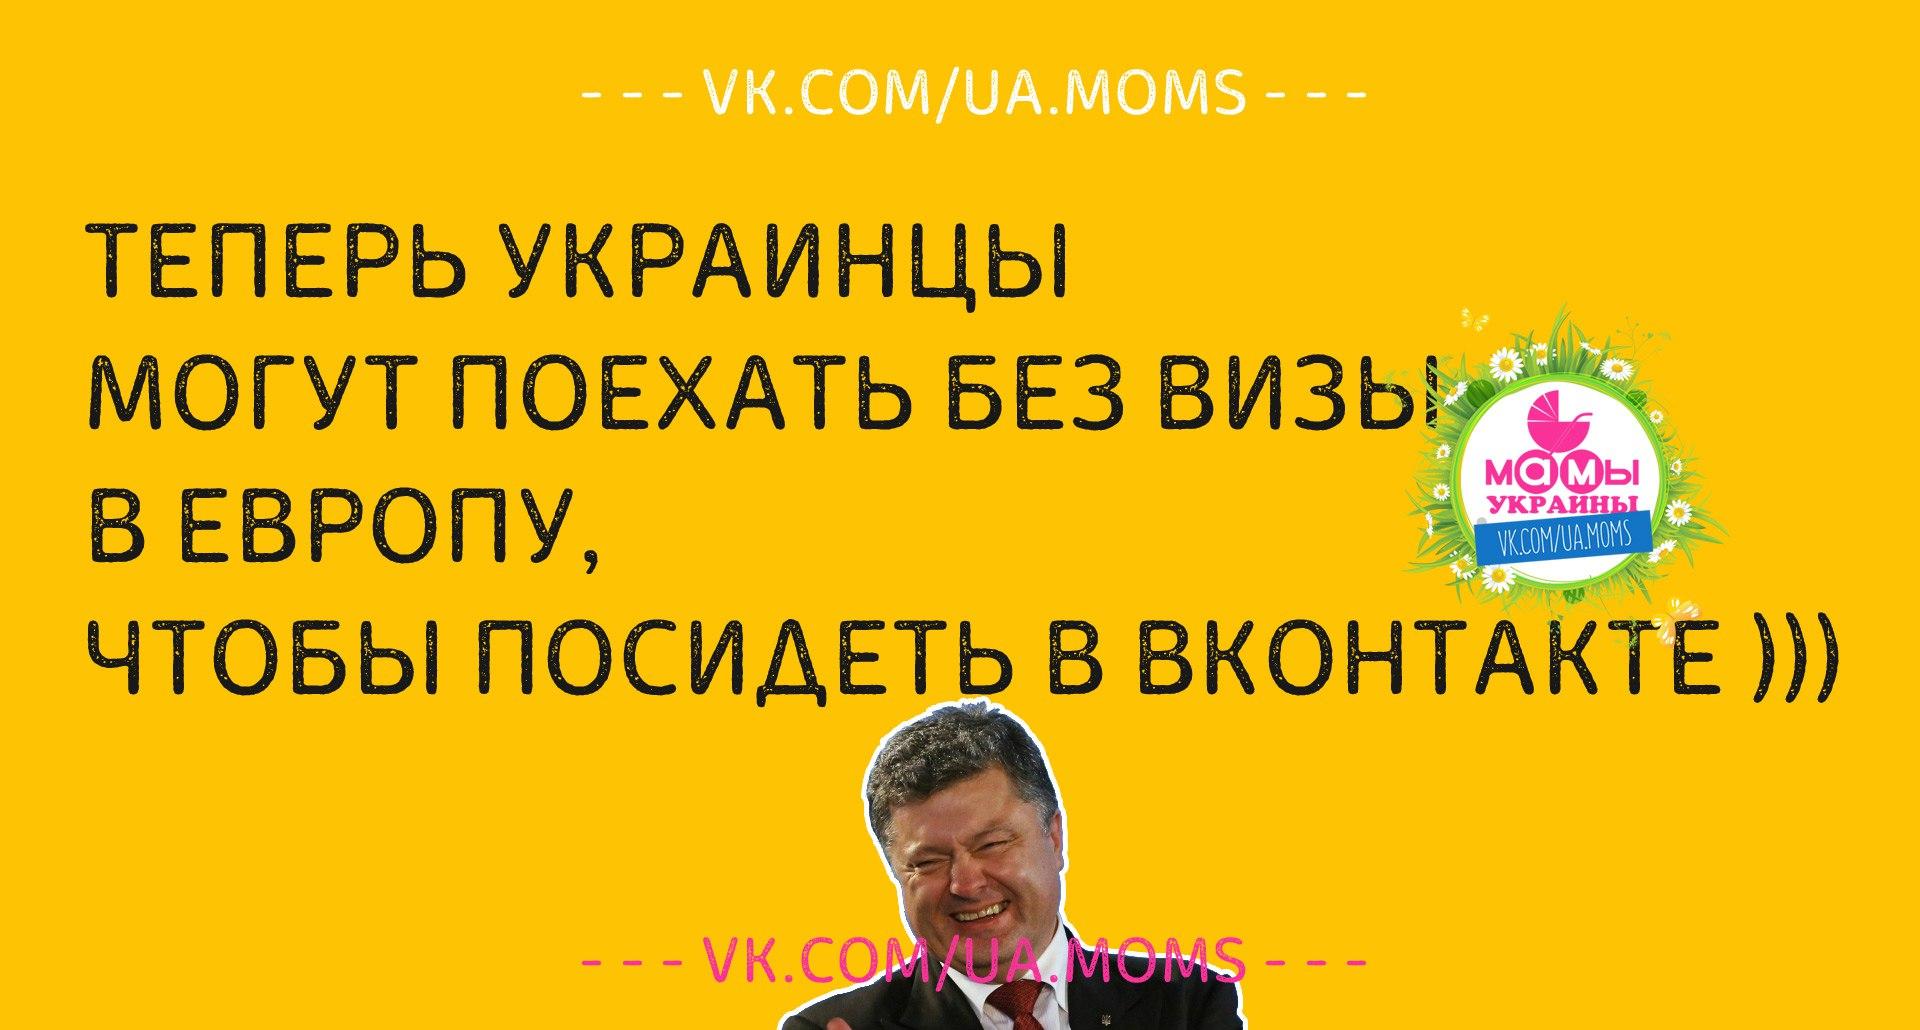 https://pp.userapi.com/c636625/v636625487/5a739/yxEG-bfs9Bw.jpg